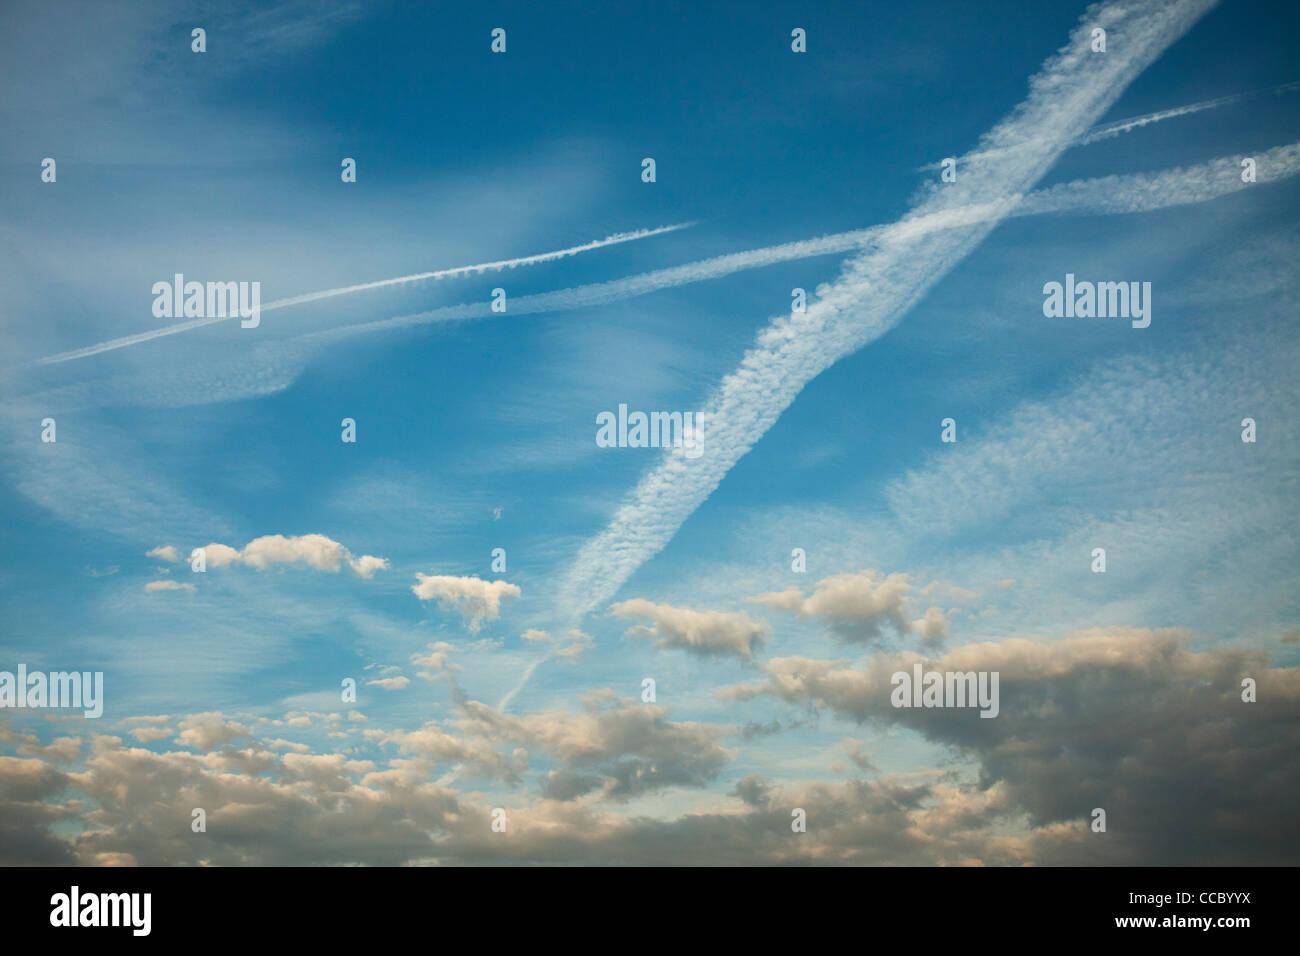 Wolkengebilde Stockbild